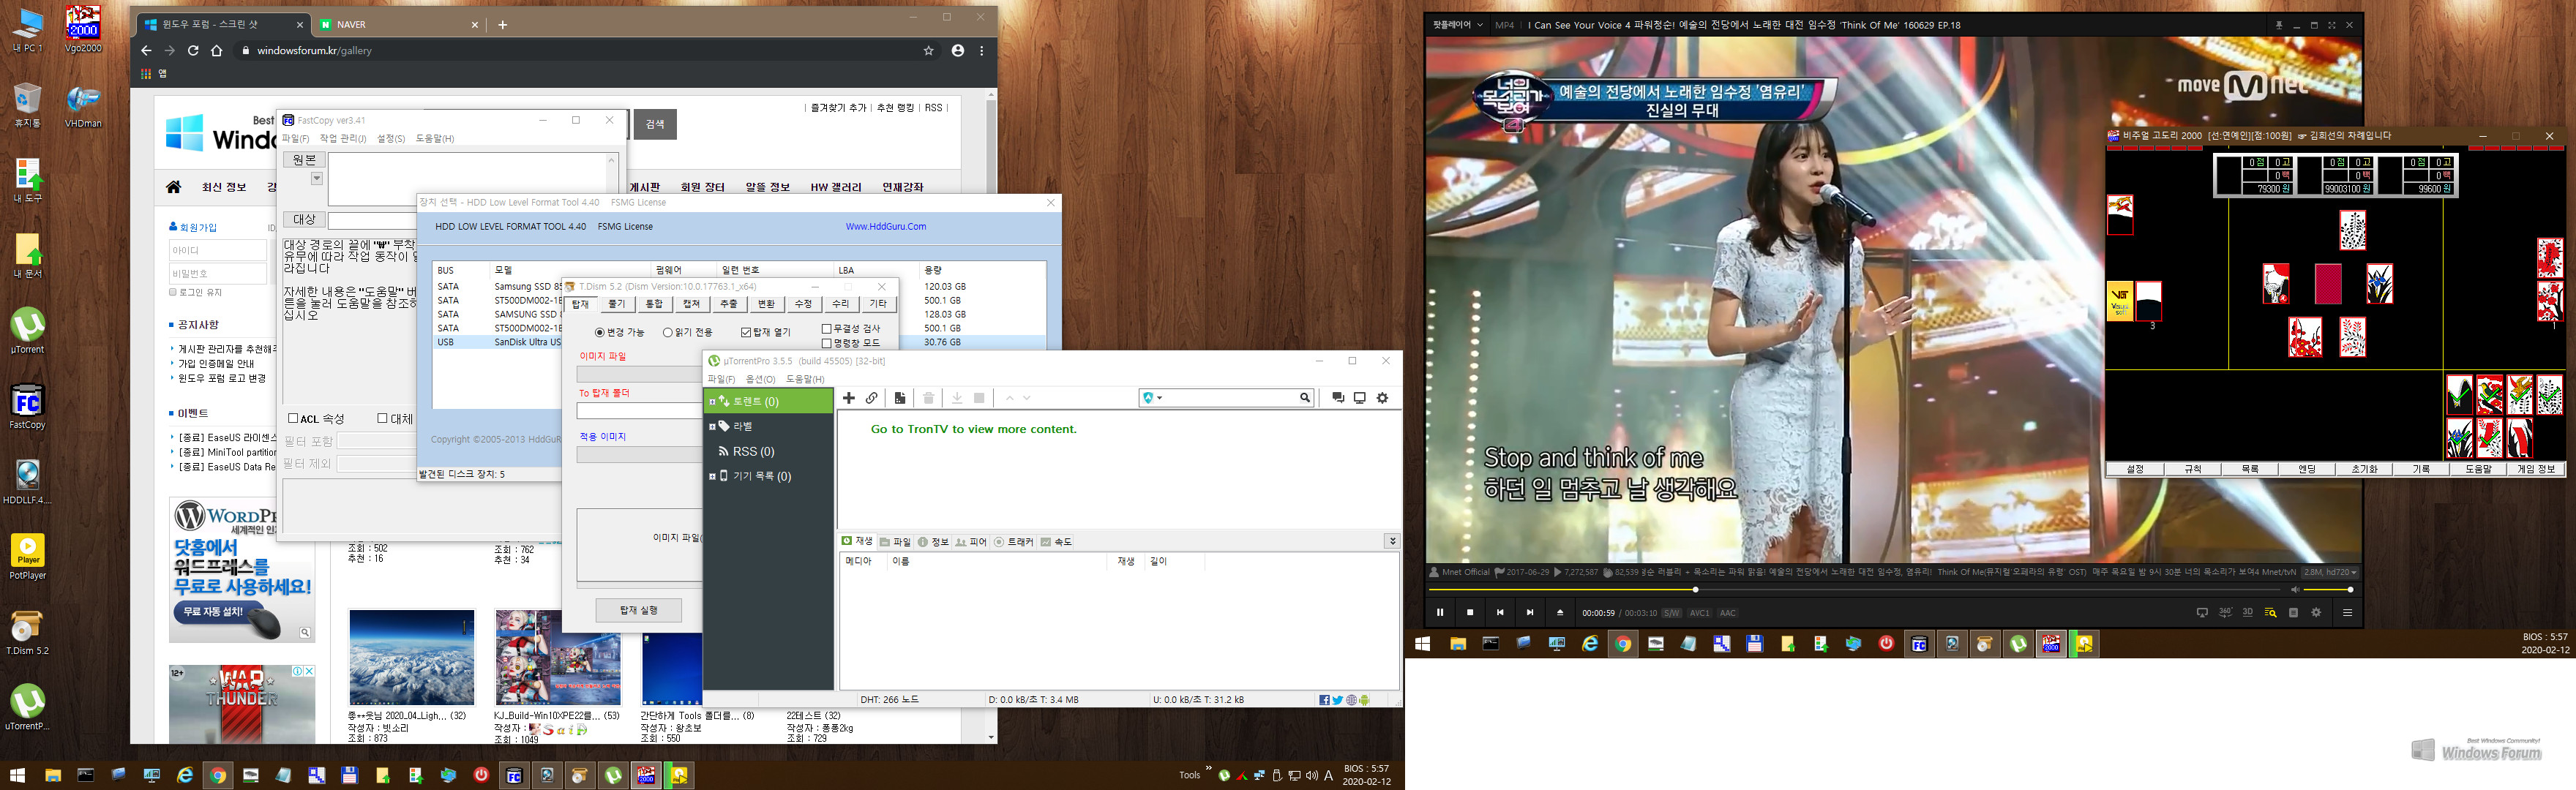 Win10XPE23_x64_19559.1000_Files_0003-06.jpg